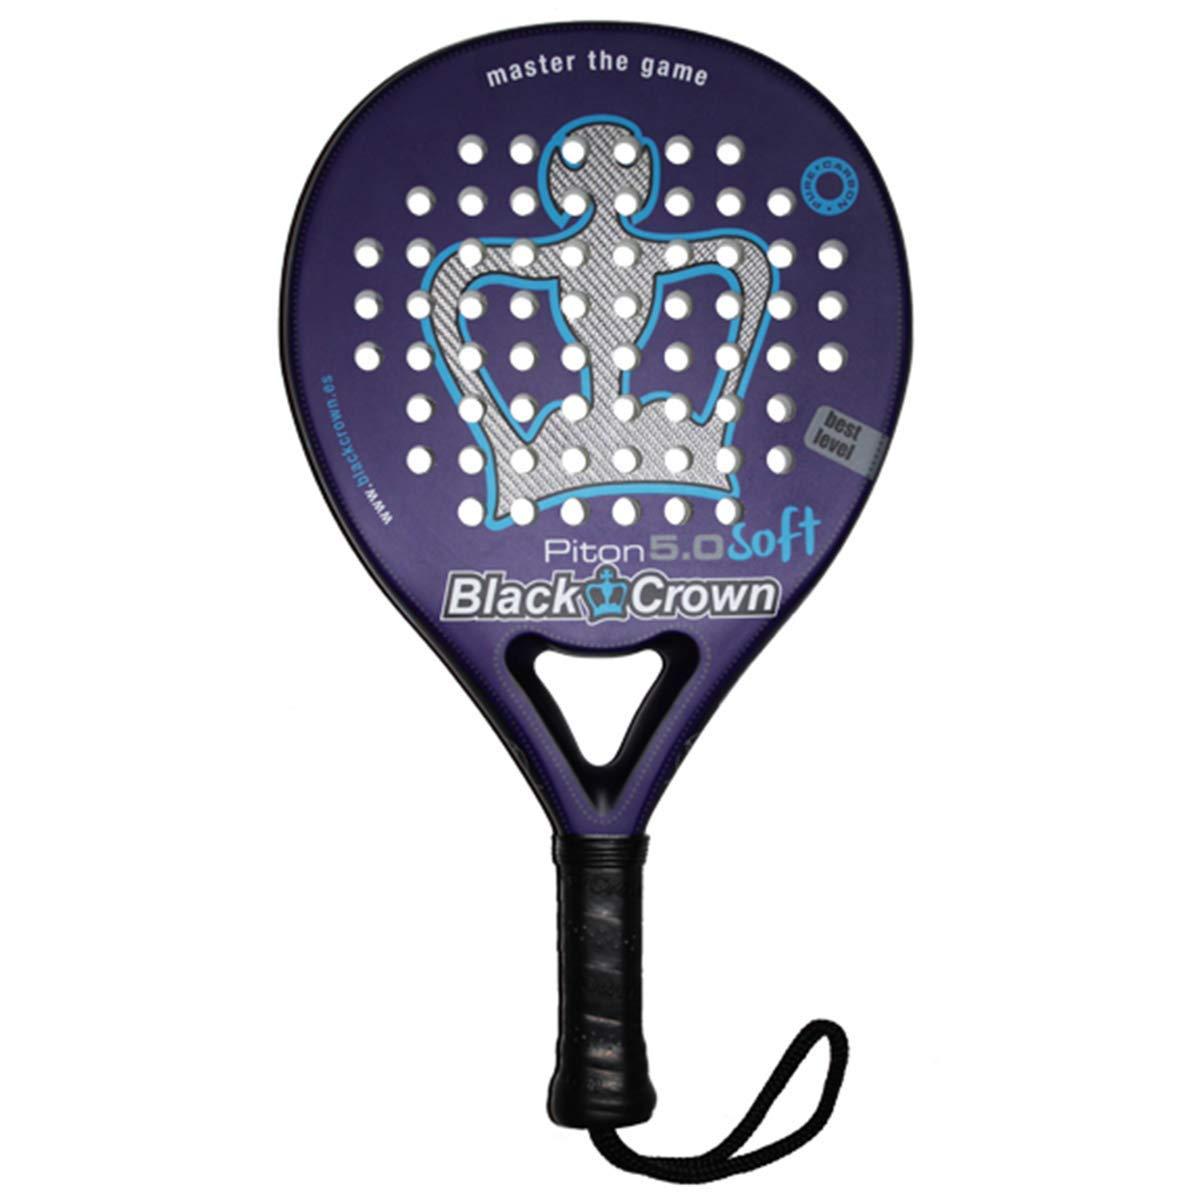 Pala de Pádel Piton 5.0 Black Crown: Amazon.es: Deportes y aire libre